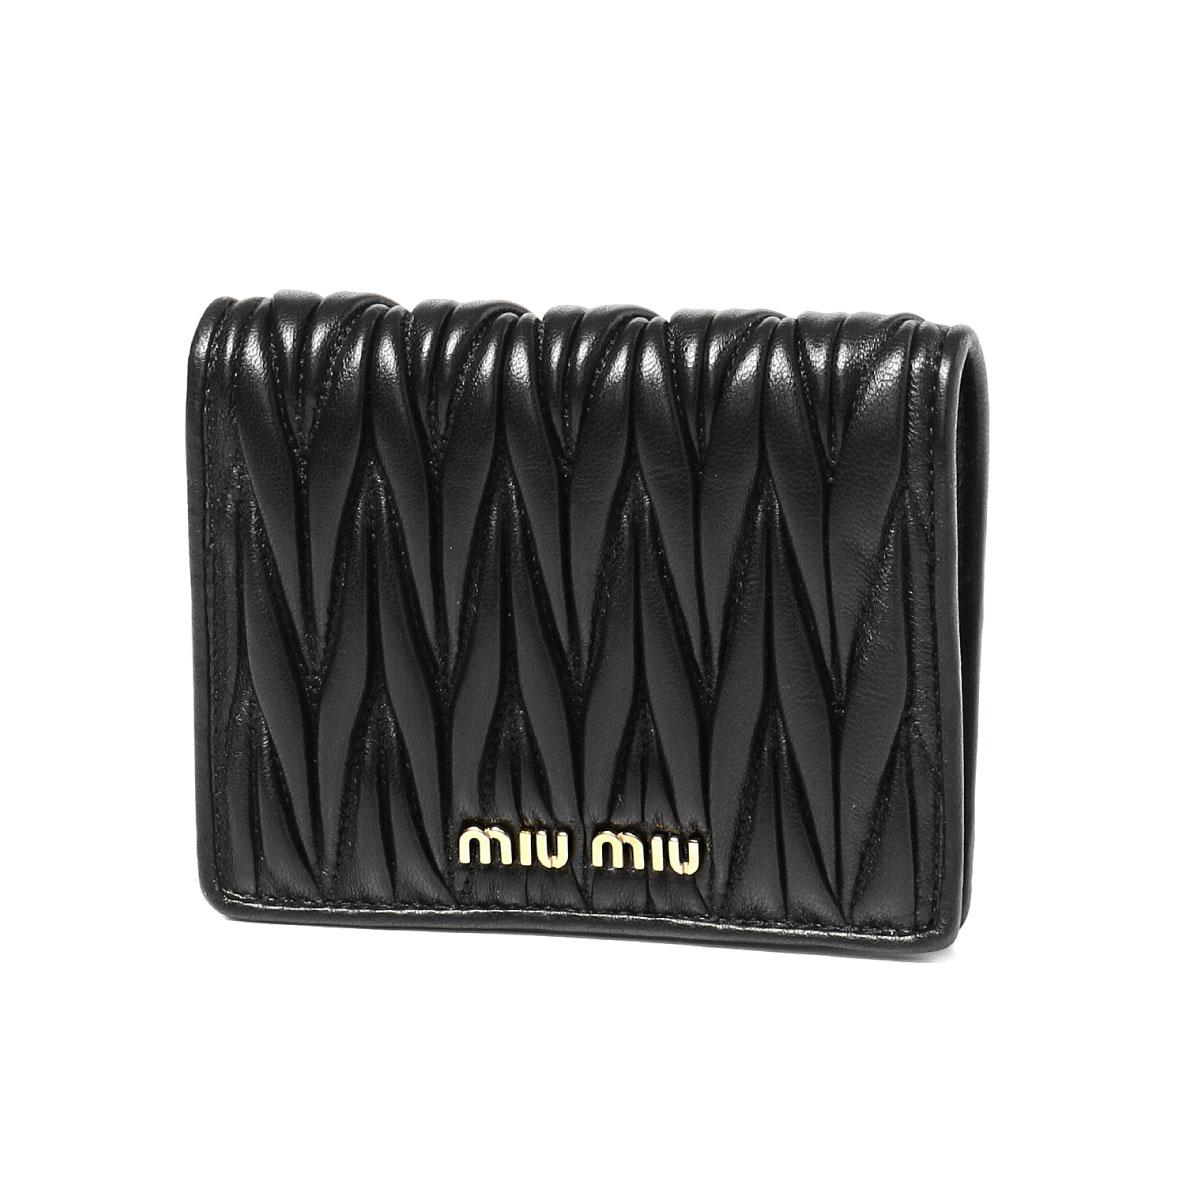 ミュウ ミュウ MIU MIU 財布 レディース 5MV204 N88 F0002 二つ折り財布 MATELASSE NERO ブラック